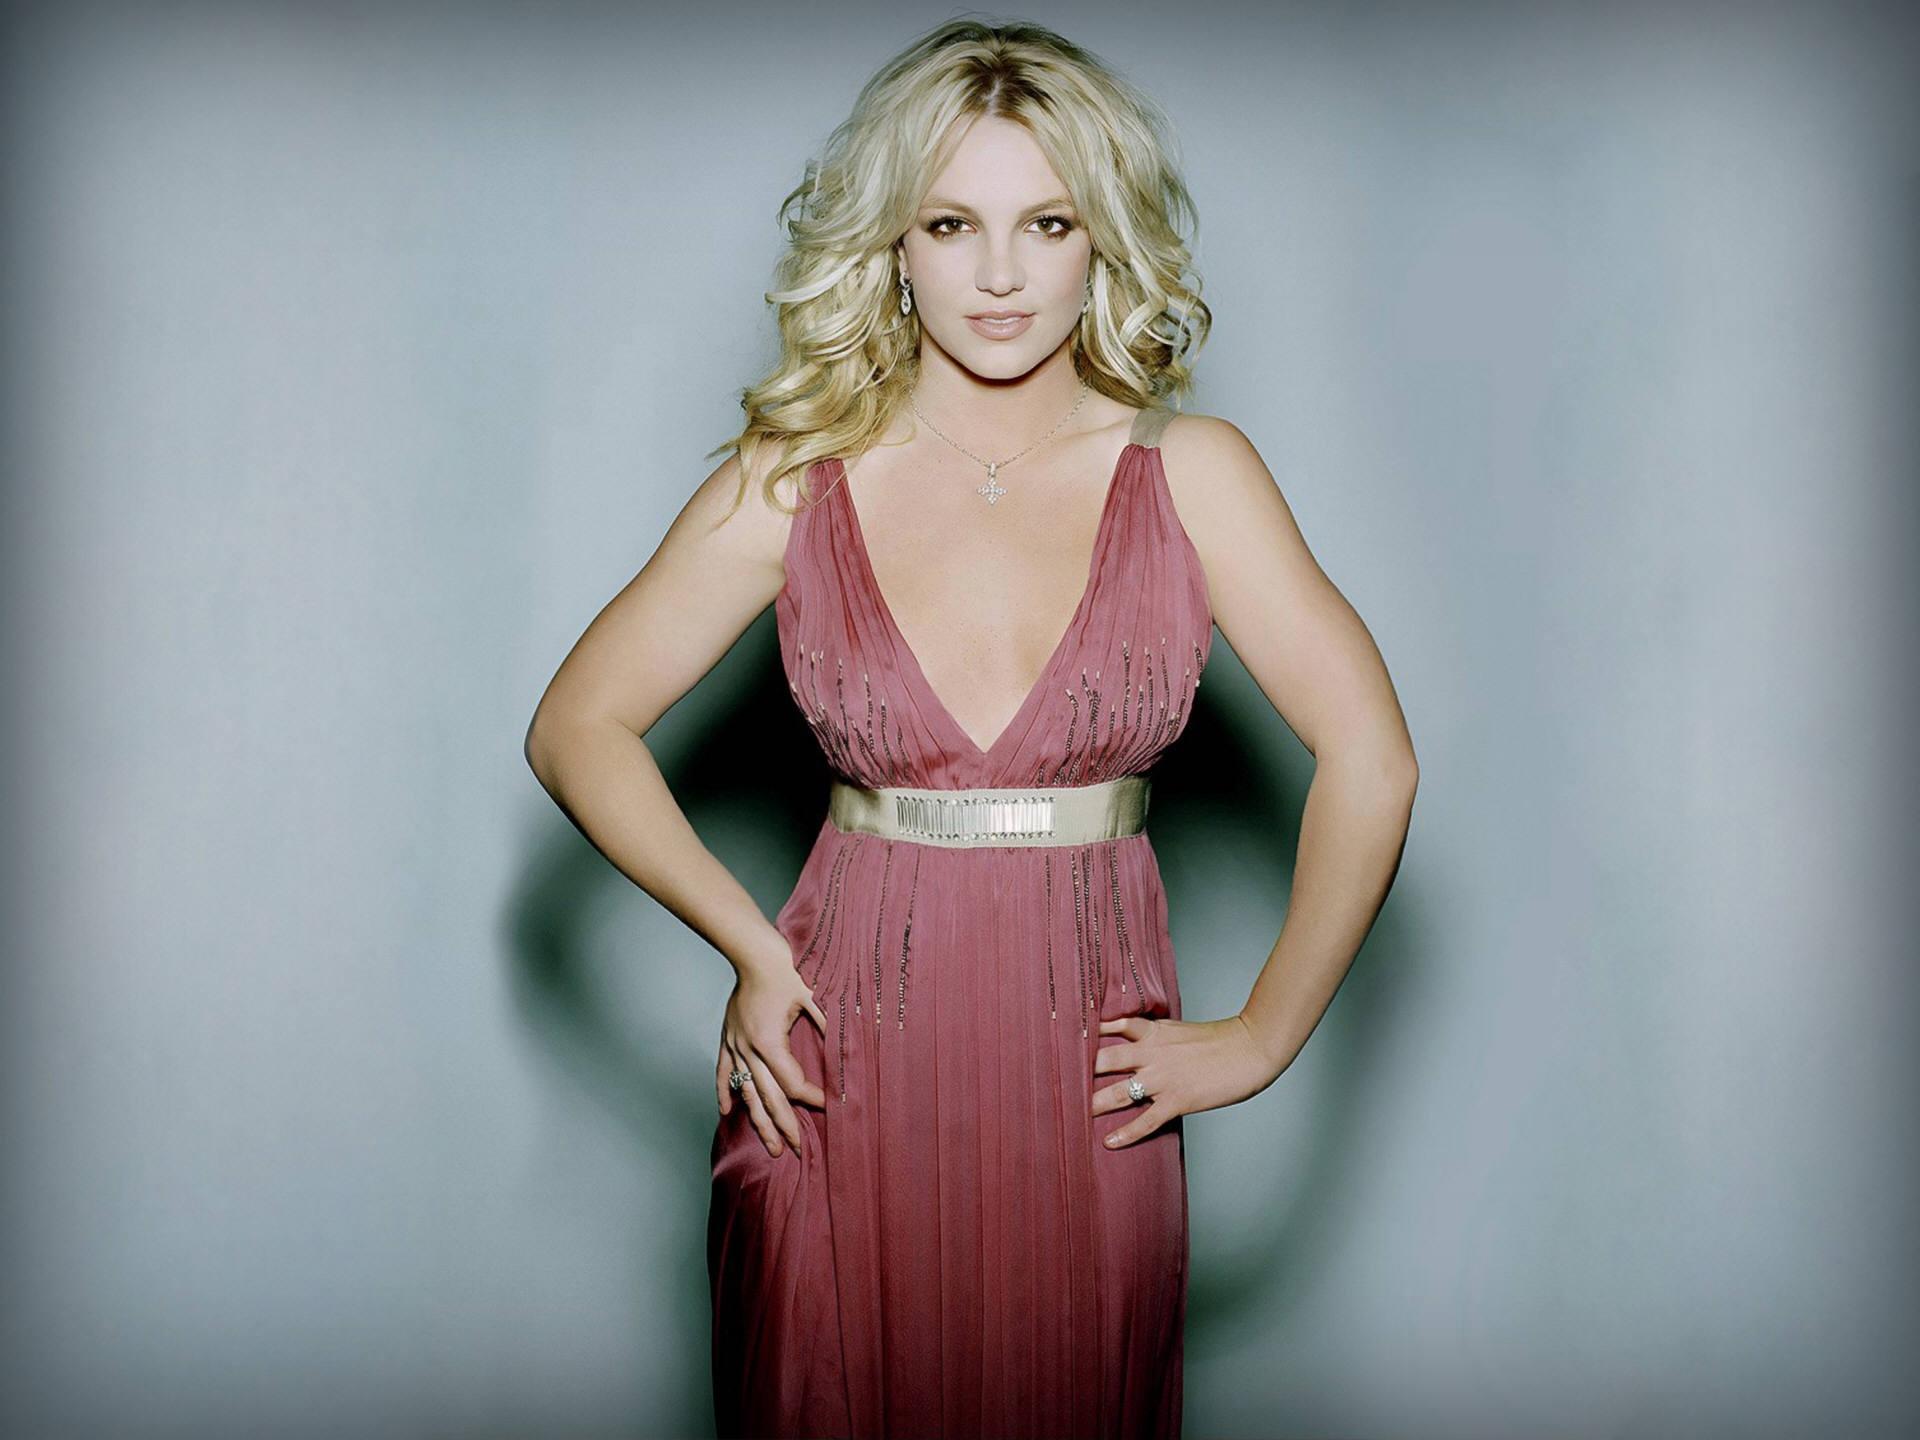 Foto de Britney Spears  número 23775